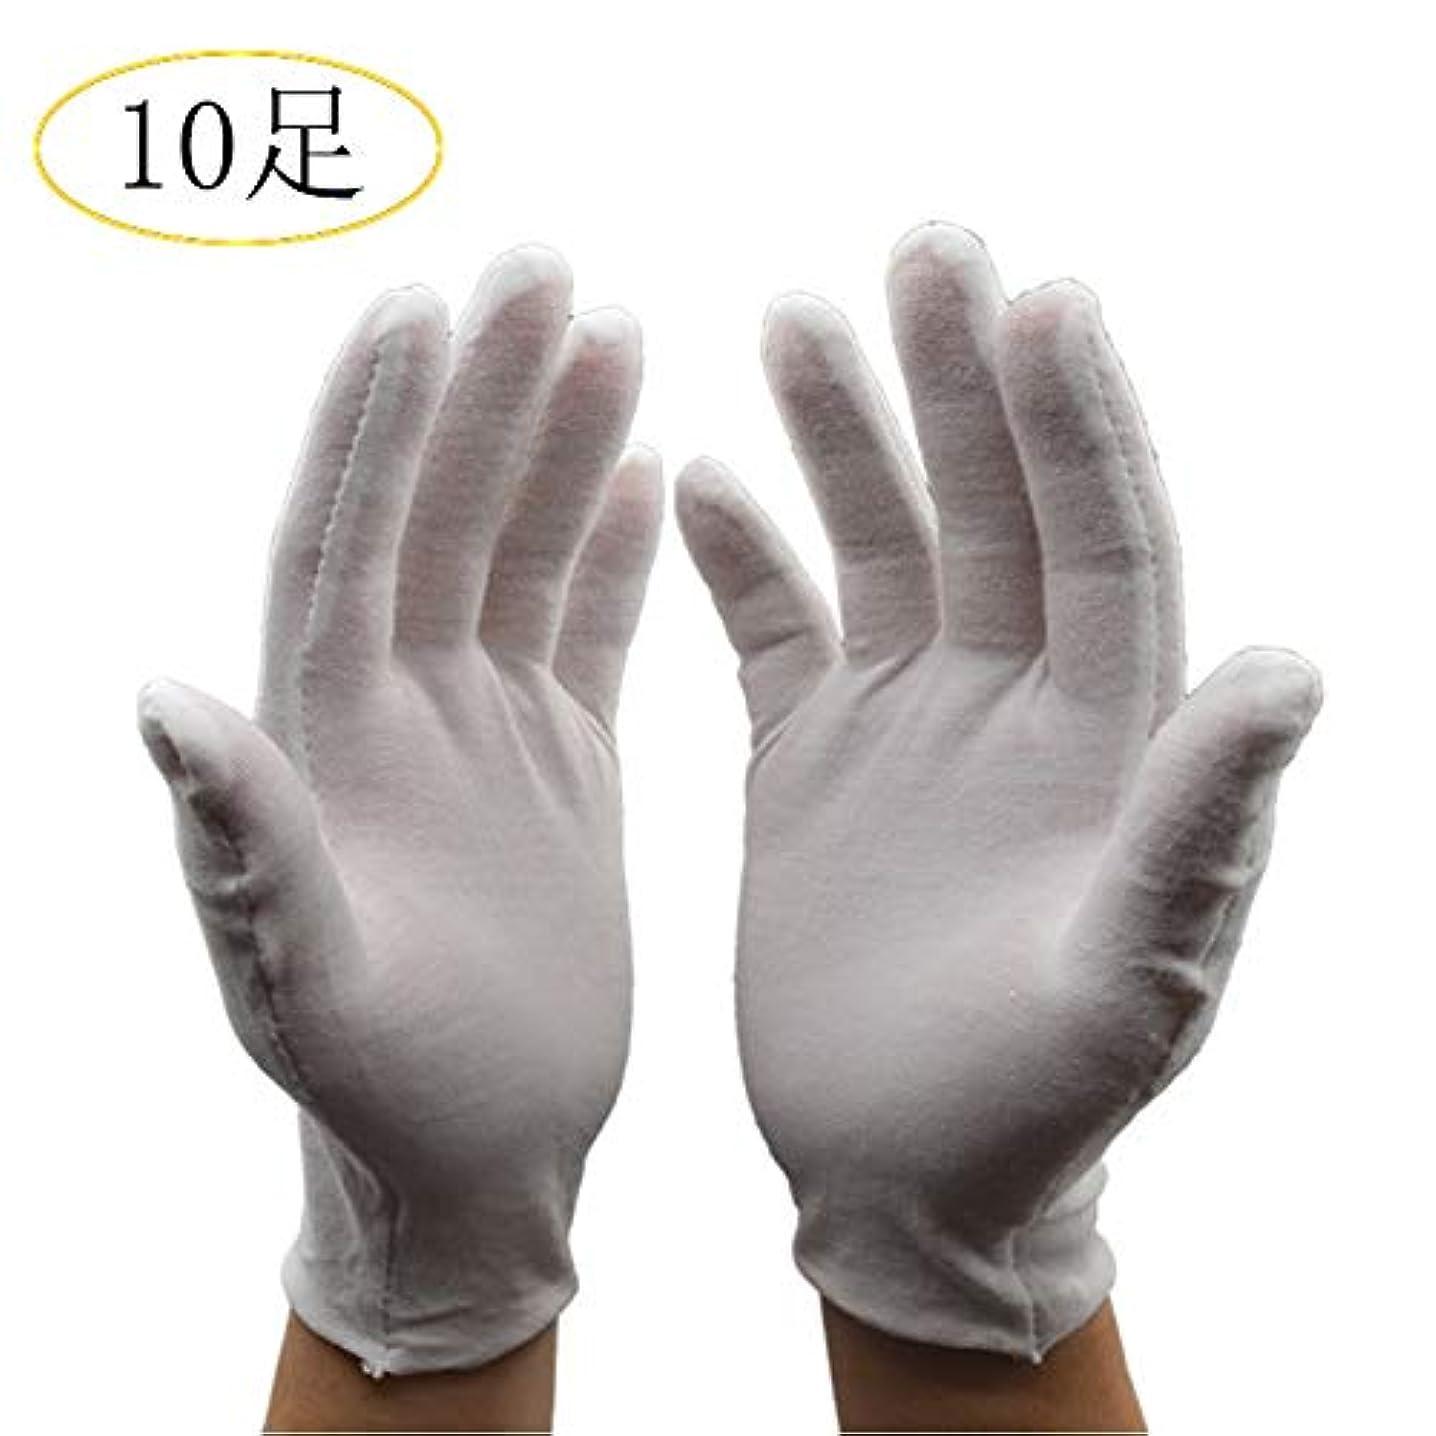 発見する不安うんざりZMiw コットン手袋 綿手袋 インナーコットン手袋 ガーデニング用手袋 20枚入り 手荒れ 手袋 Sサイズ 湿疹用 乾燥肌用 保湿用 家事用 礼装用